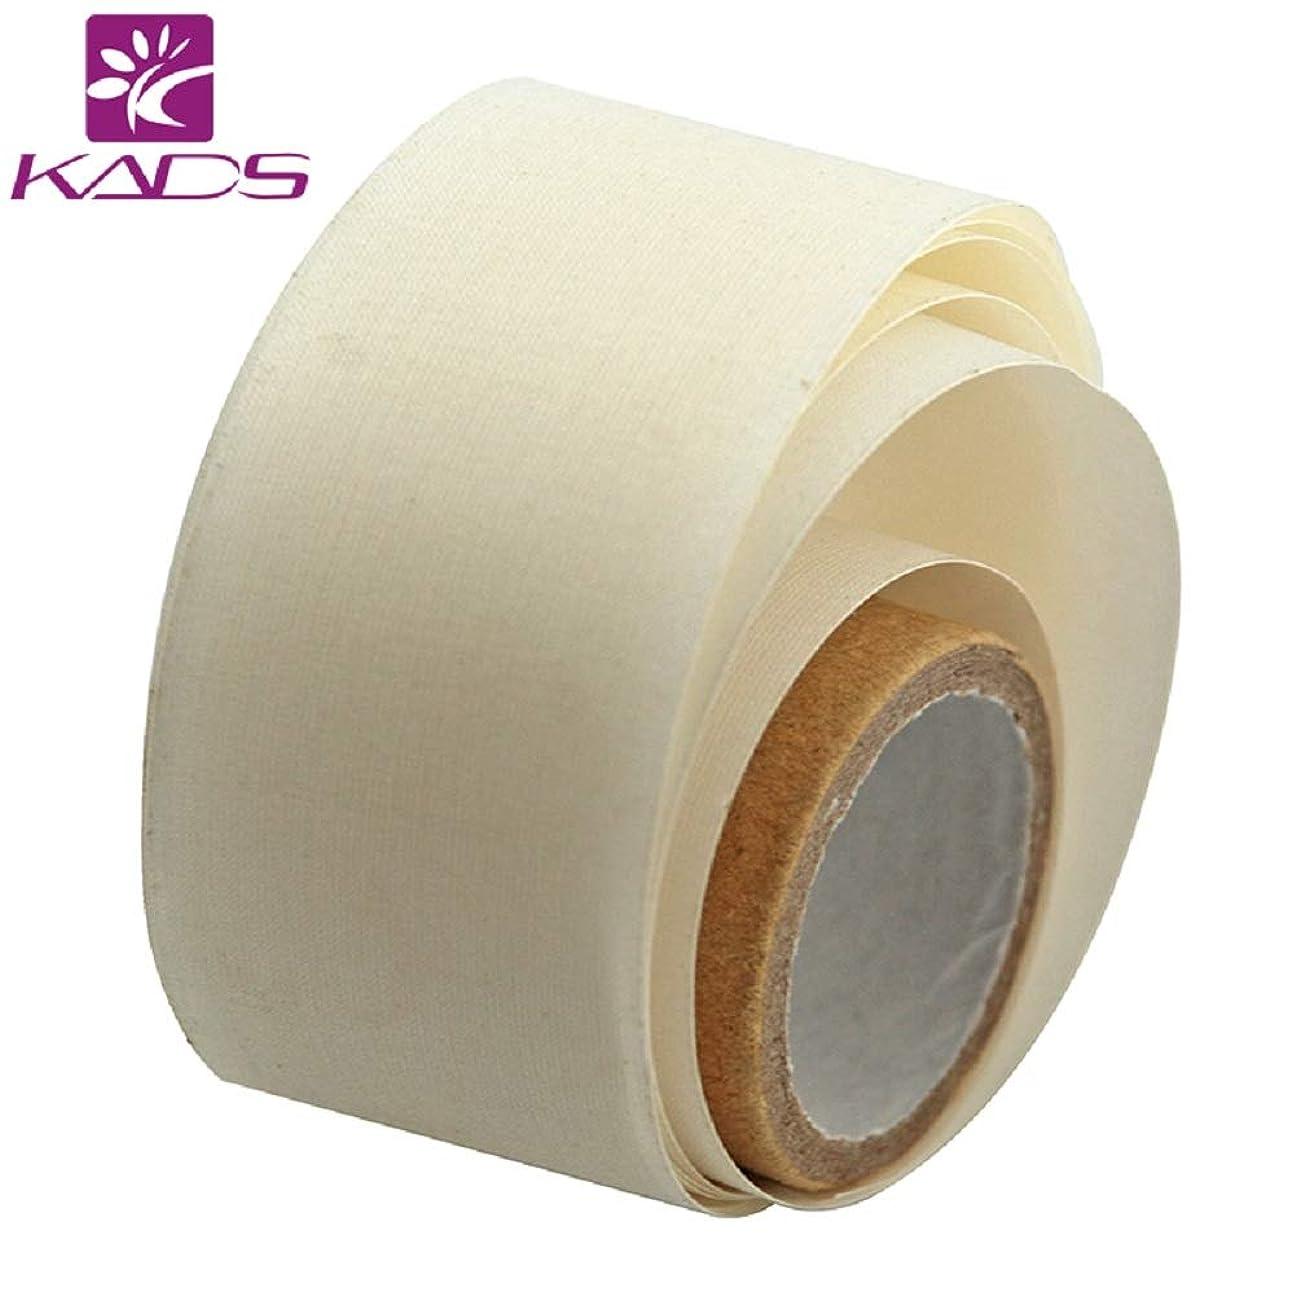 寝室を掃除する消化自動車KADS ネイルシルクテープ ネイルリペアテープペラ用 爪の補修 ジェルアクリルネイルアートツール(サイズ3)